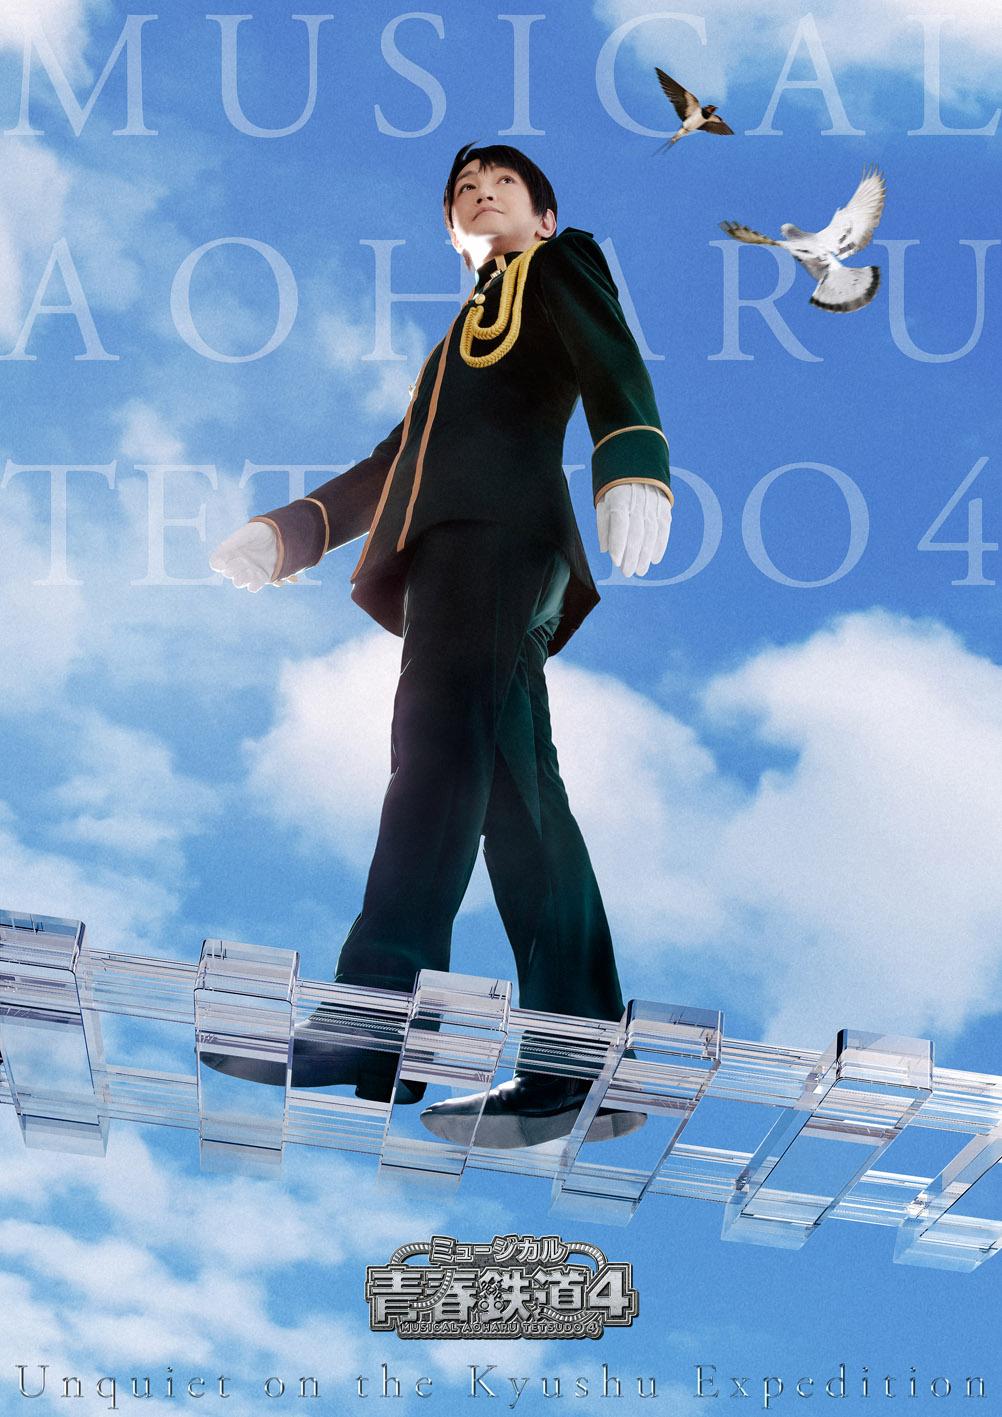 鉄ミュ第4弾、全27路線のキャラクタービジュアル公開 イメージ画像